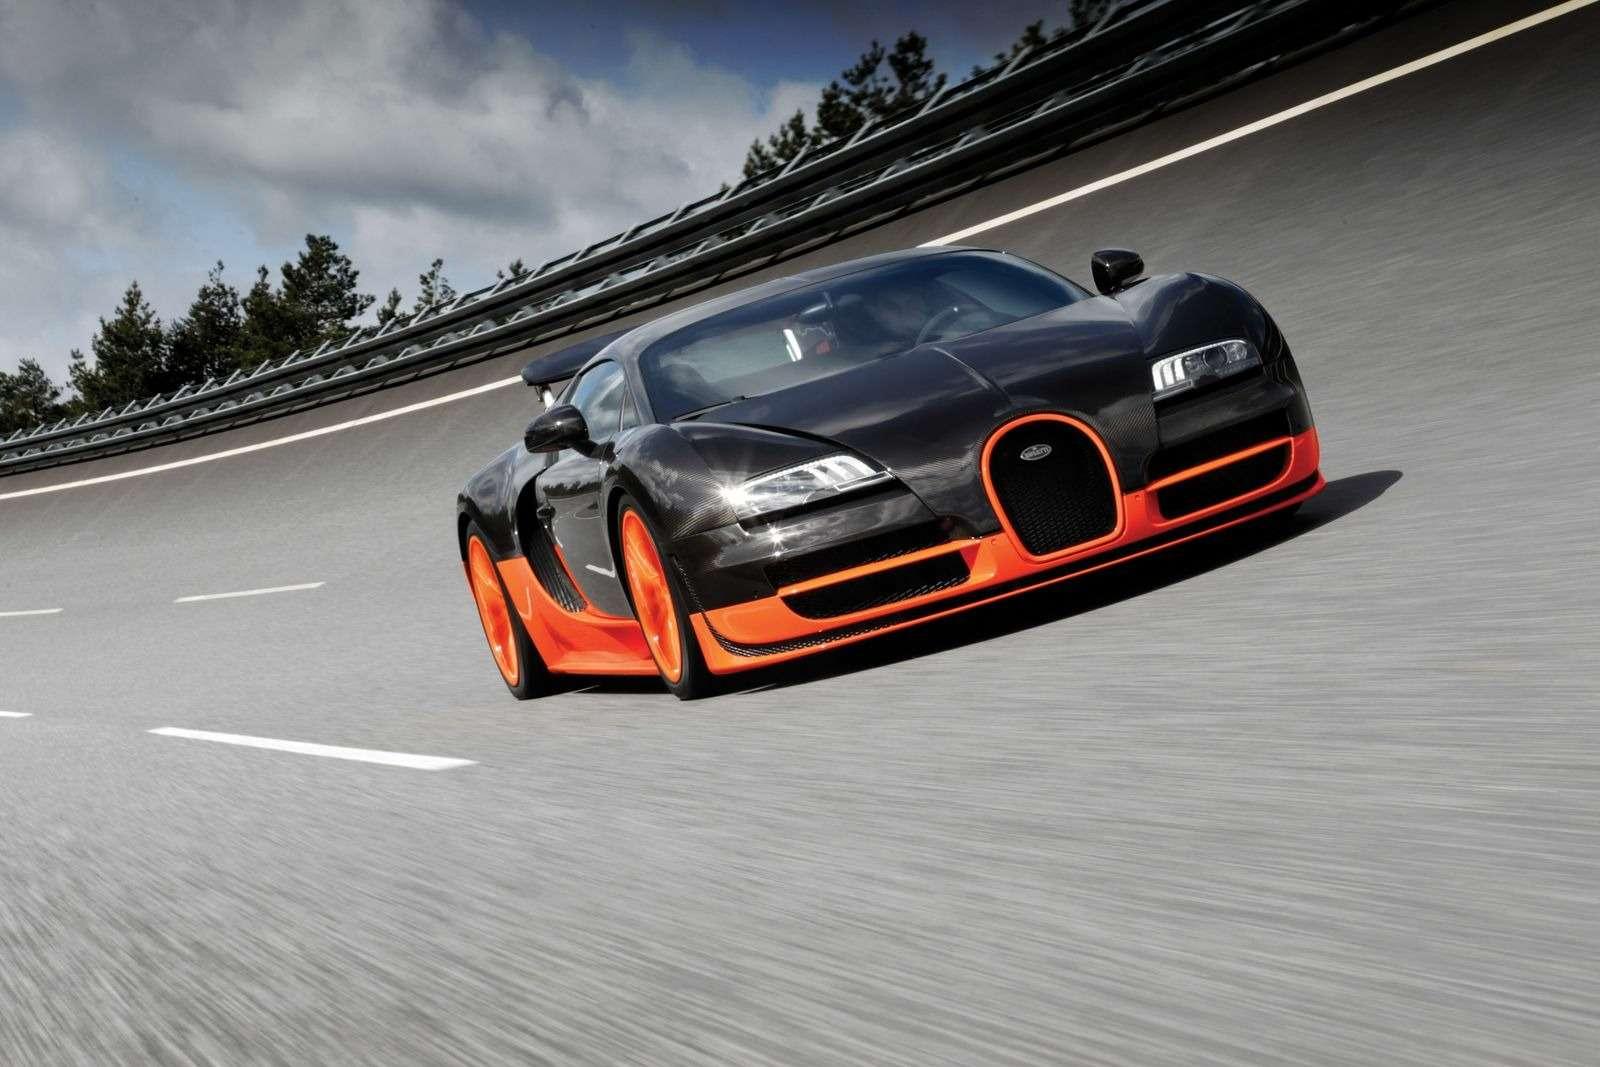 ОБНОВЛЕНО: владелец стилизовал Lada Granta подсуперкар Bugatti— фото 366432